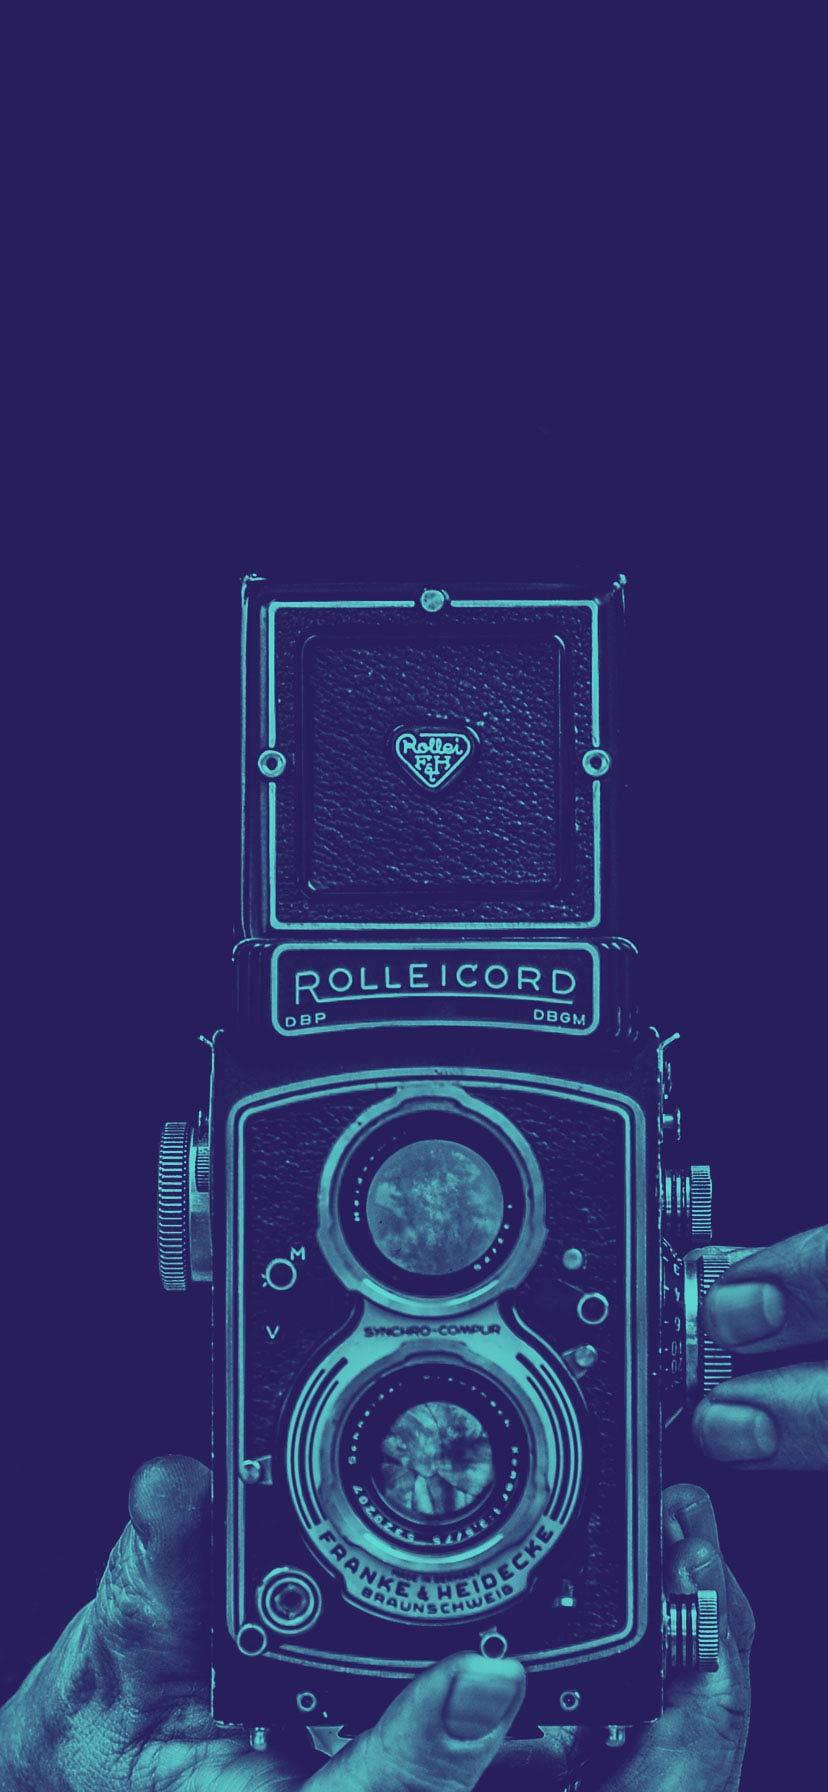 Die Agentur Reingold ist die kreative Werbeagentur für stilsichere Fotoproduktionen.